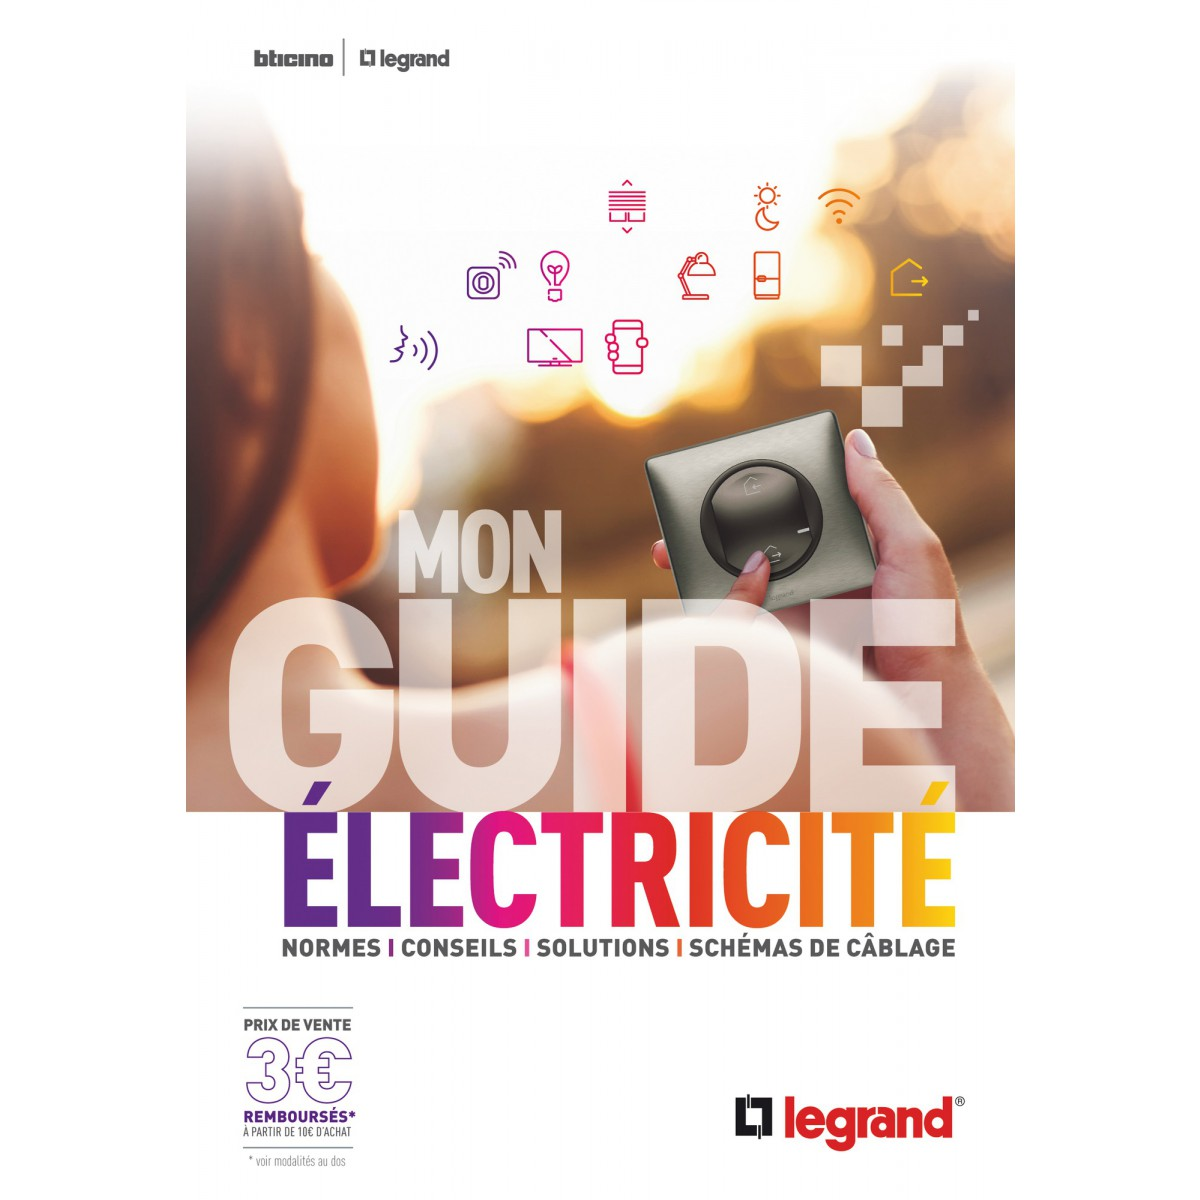 Guide de l'électricité Legrand